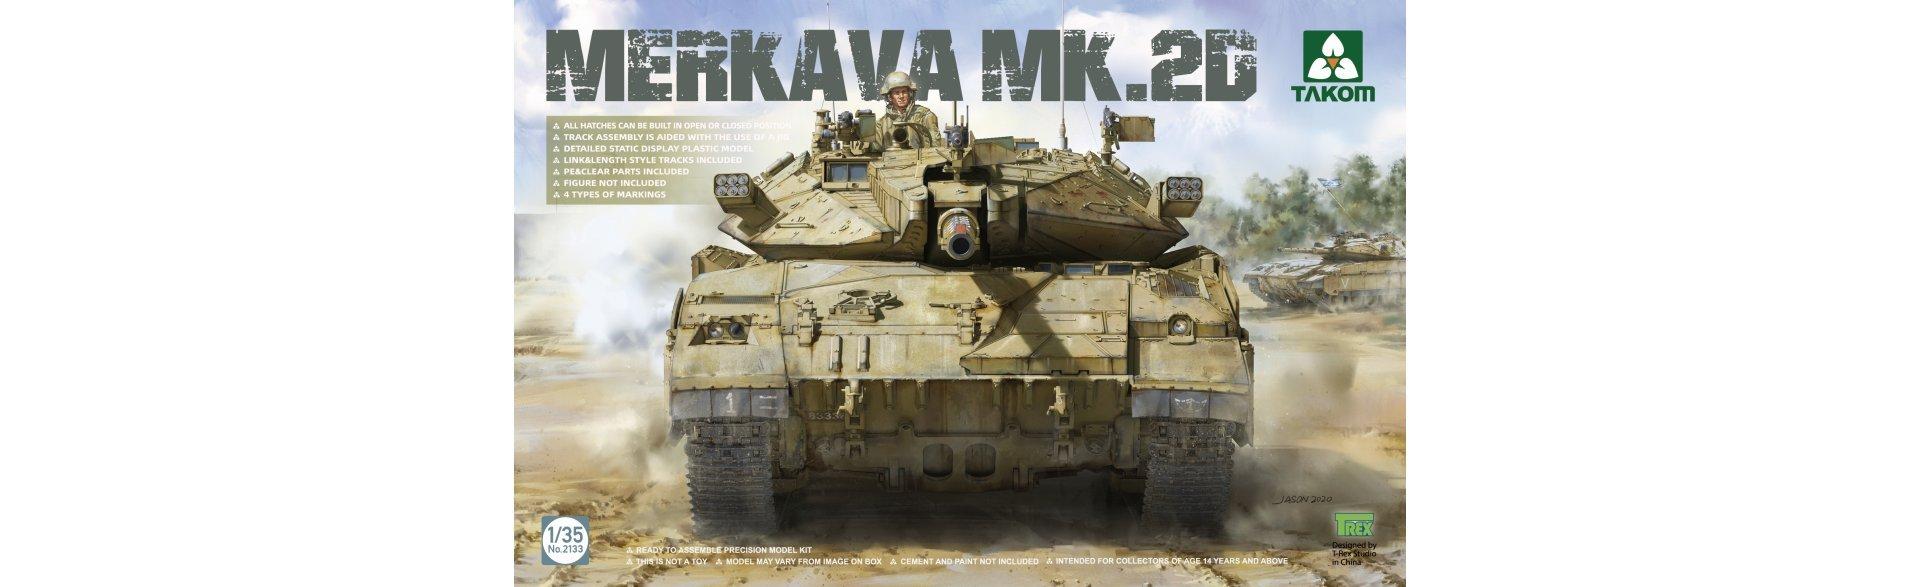 Merkava Mk 2D